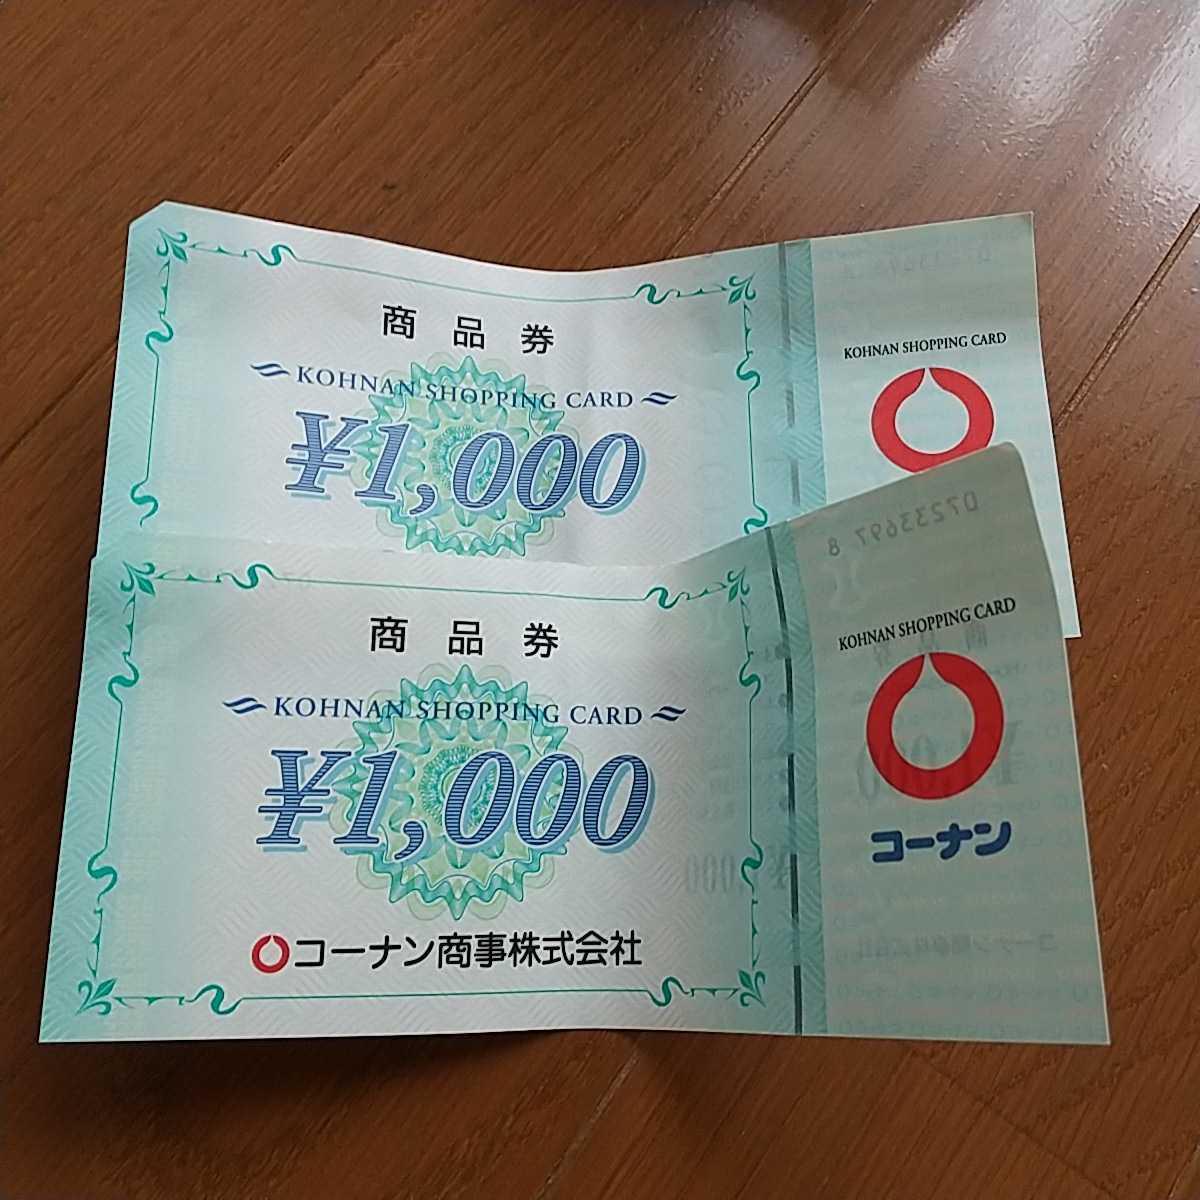 コーナン商事 株主優待 商品券 2000円分_画像1